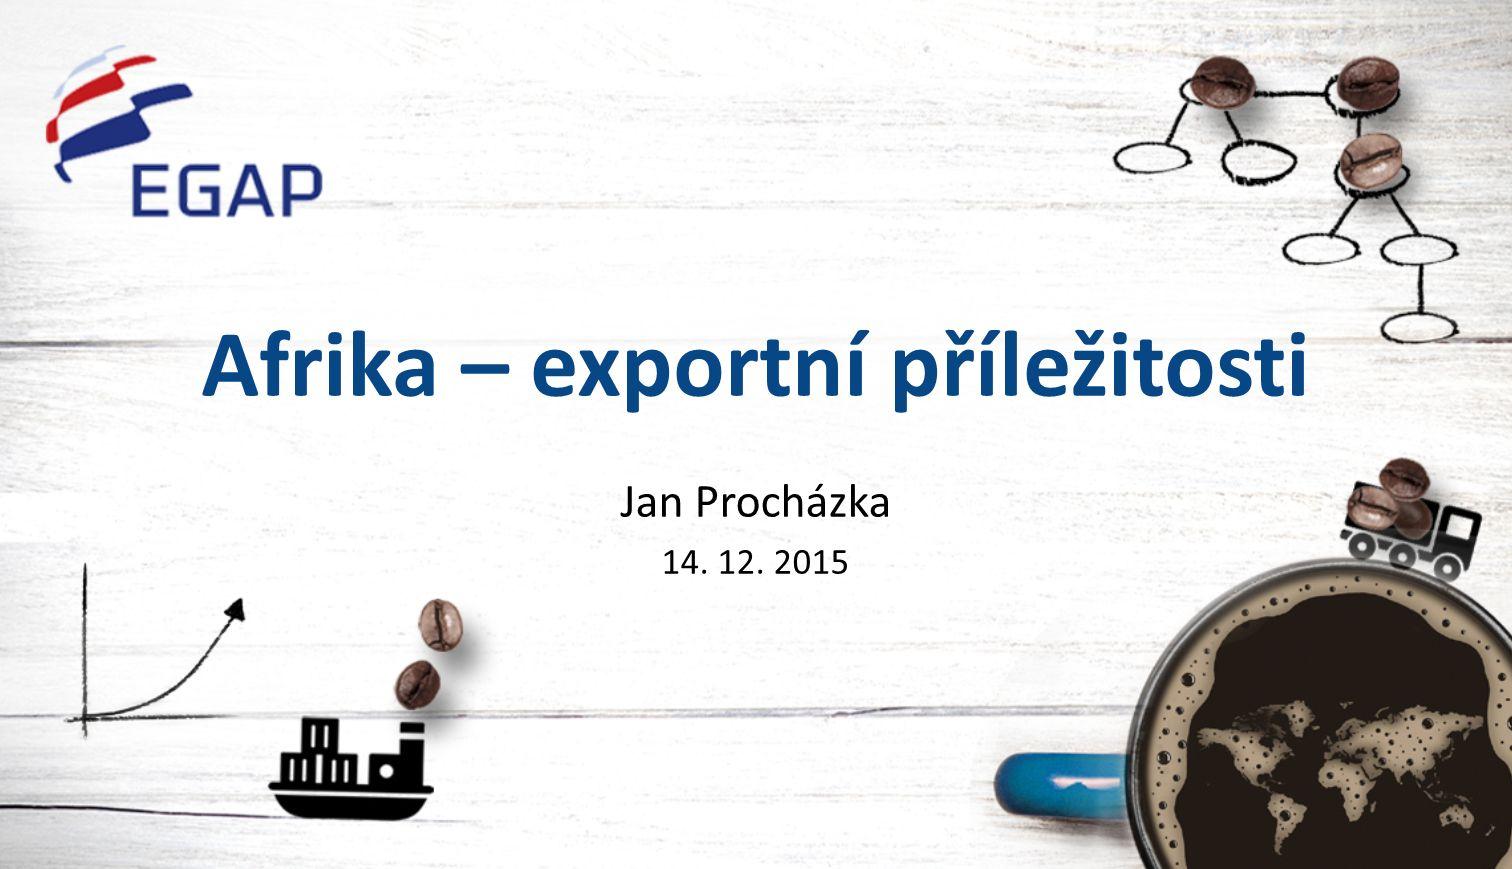 EGAP- spolehlivý partner českého exportu  23 let existence  Státní podpora exportu  Pojištěný export za více než 750 miliard korun